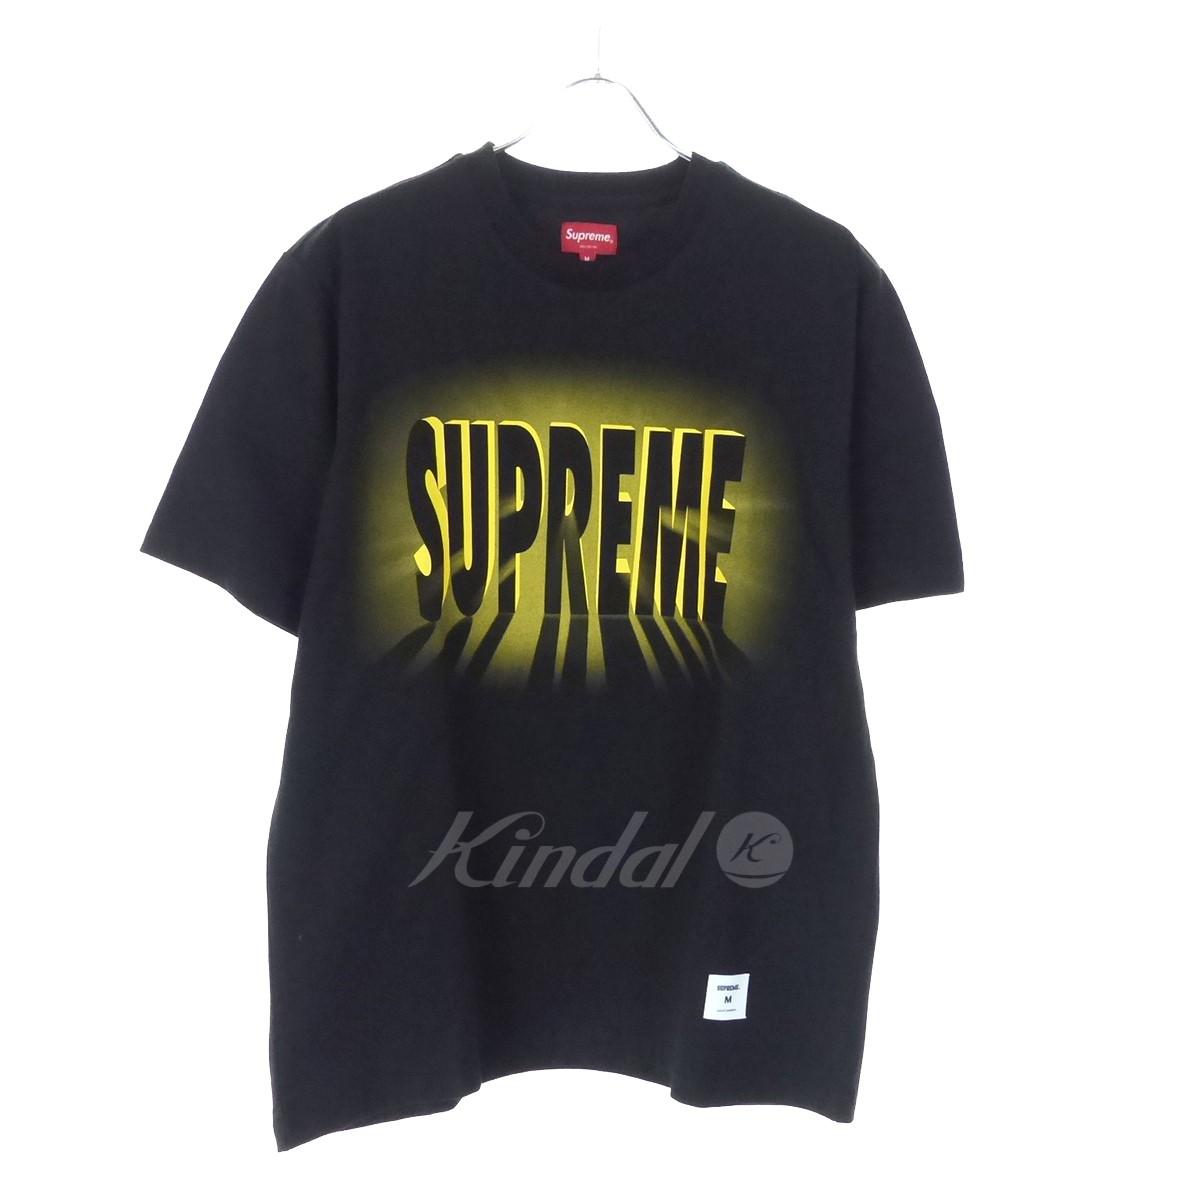 【中古】SUPREME 「Light S/S Top」 ロゴプリントTシャツ 18AW ブラック サイズ:M 【020619】(シュプリーム)